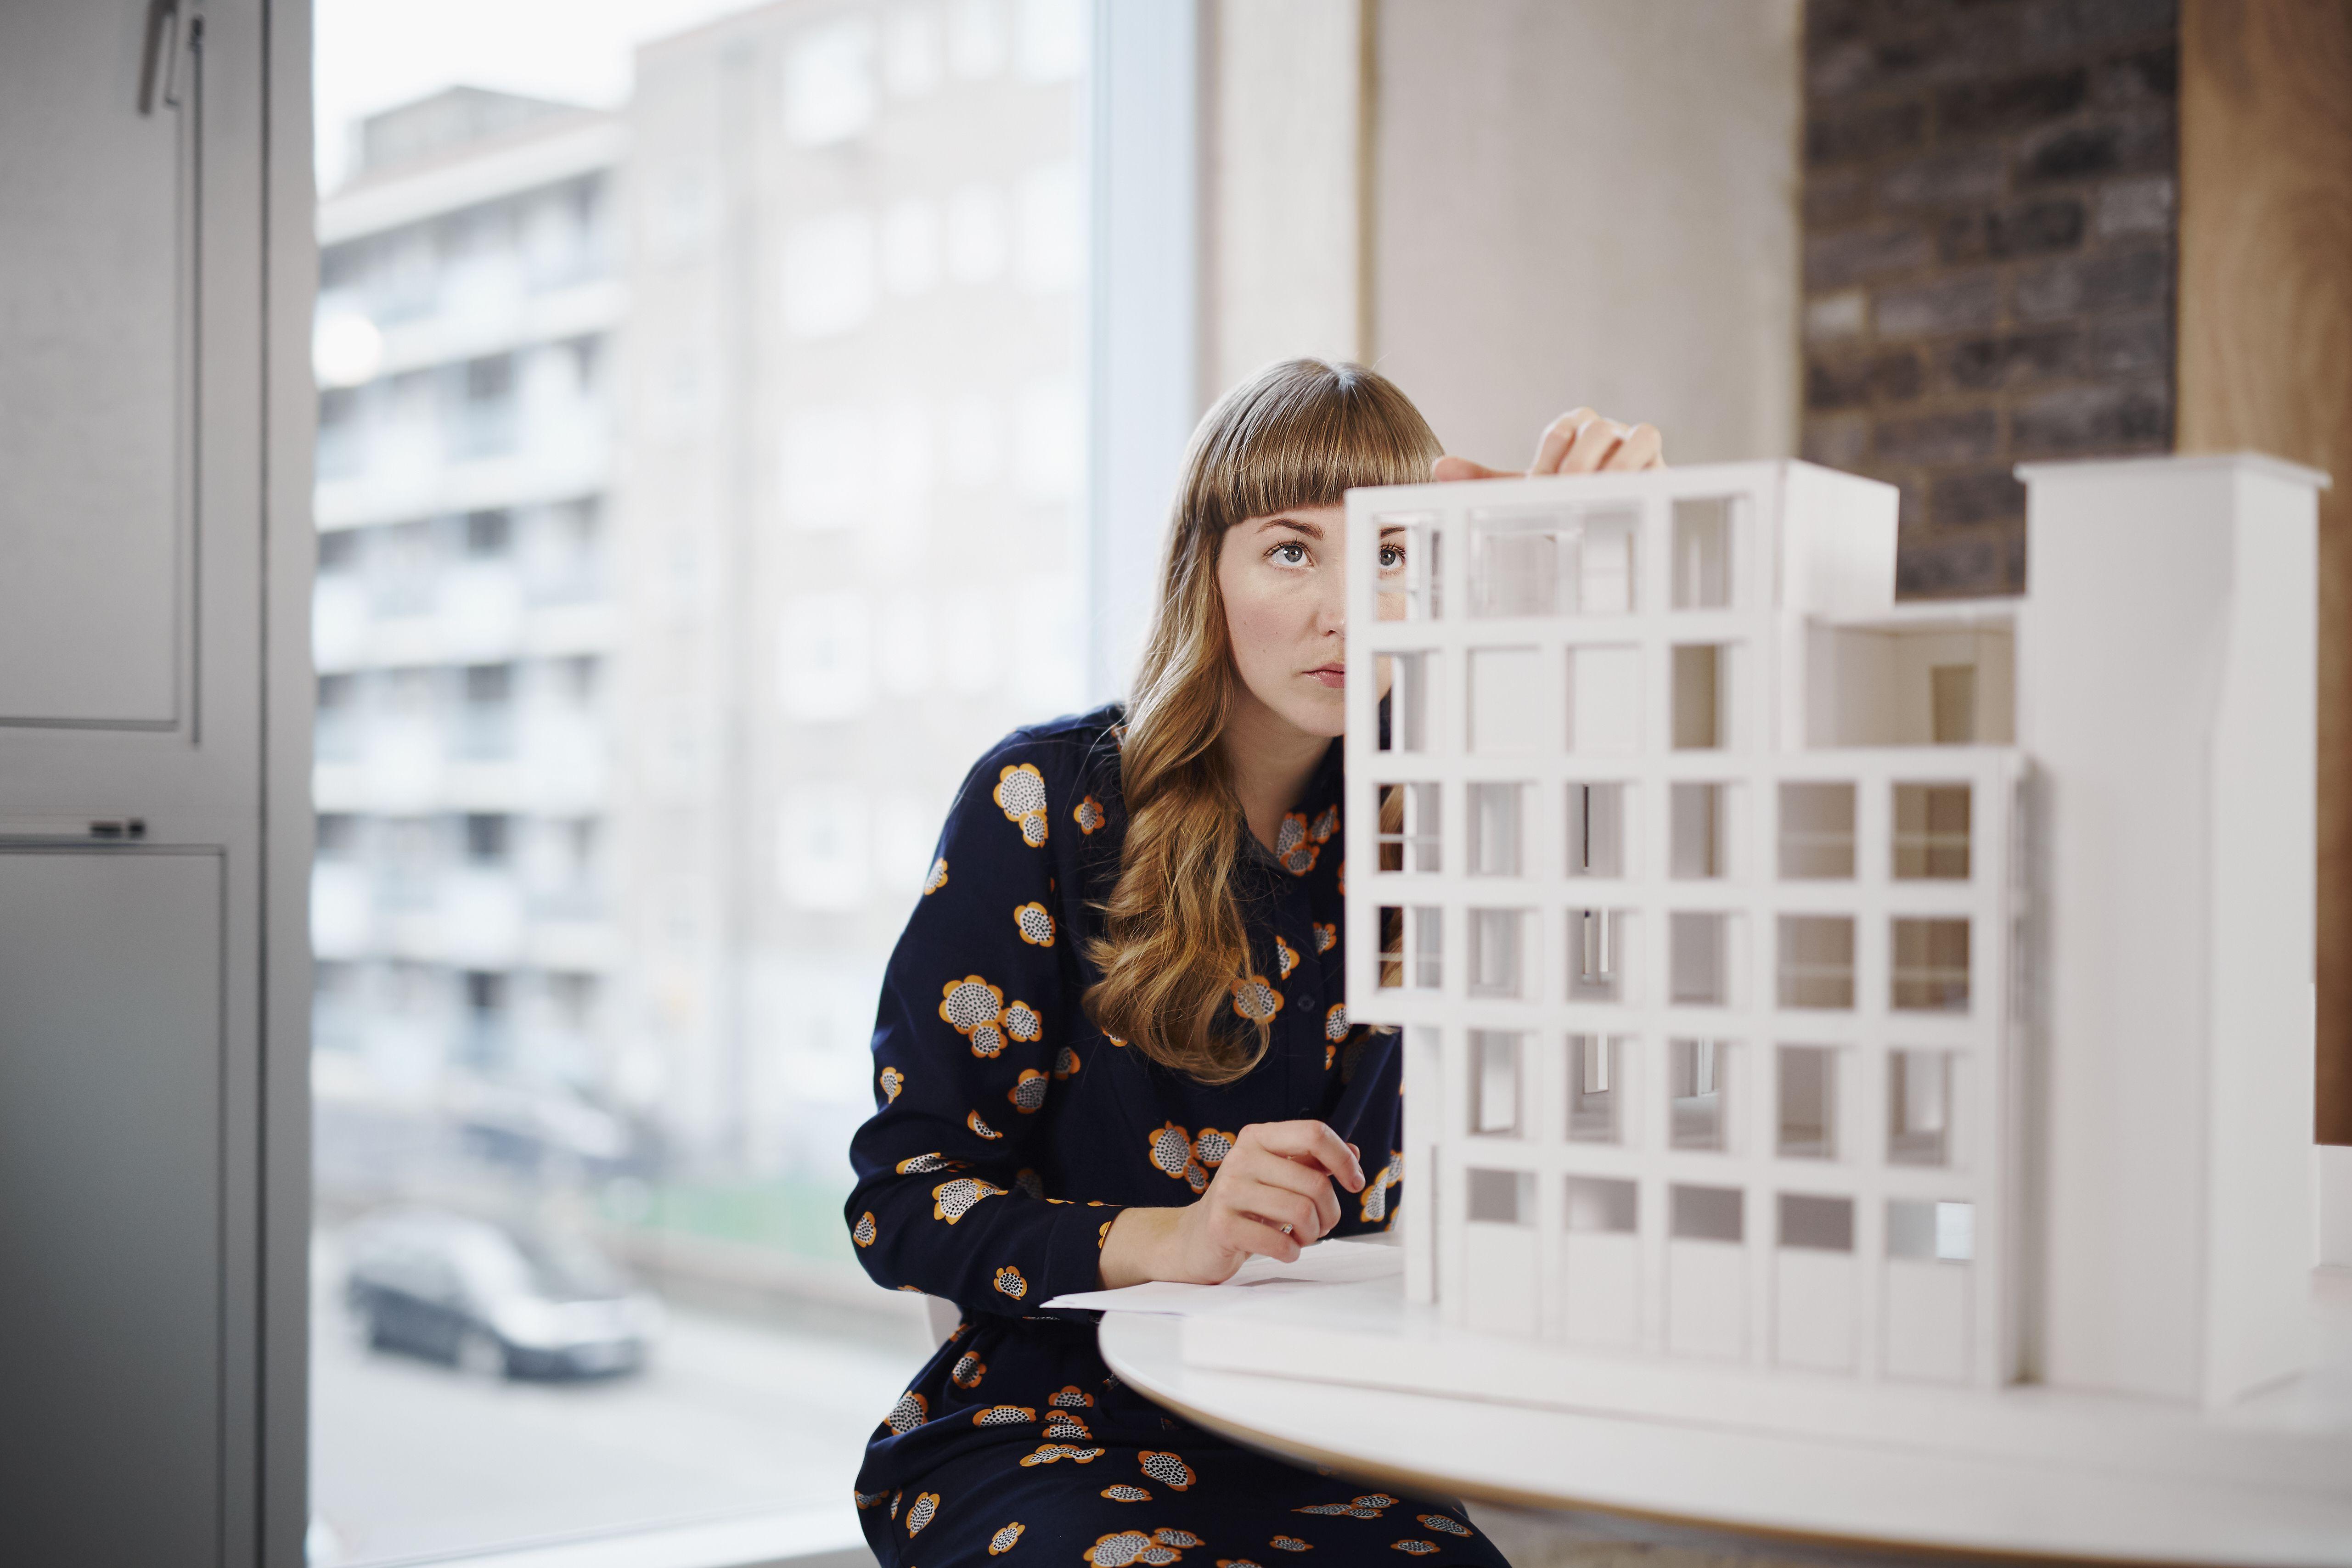 Neolaureato In Architettura Cosa Fare perché ci sono così poche donne architetto?